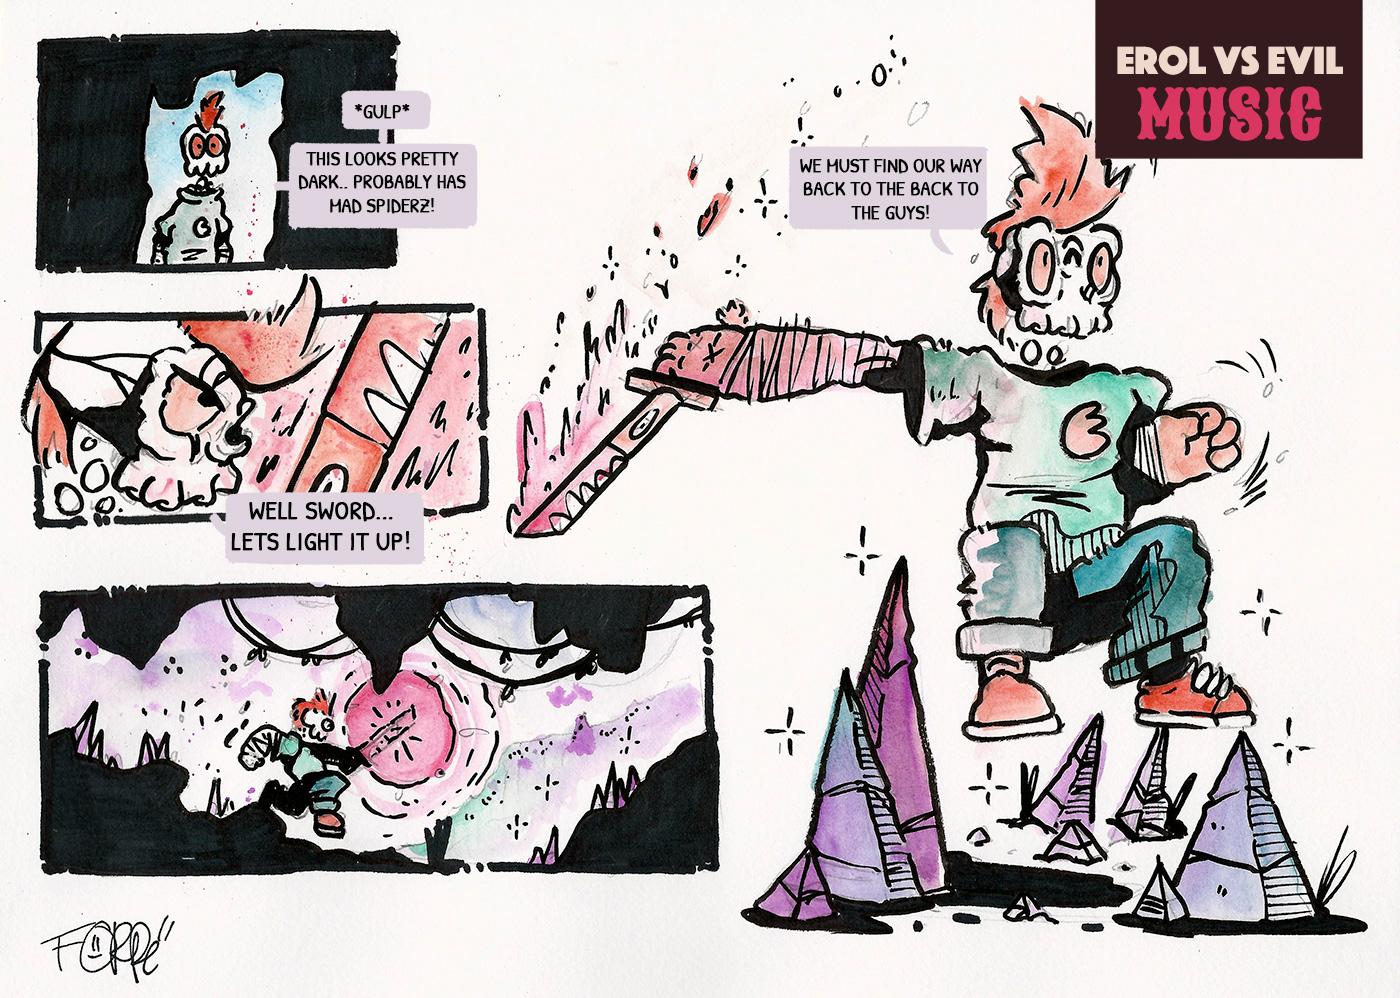 Erol-vs-evil-Music-forpe-1.jpg